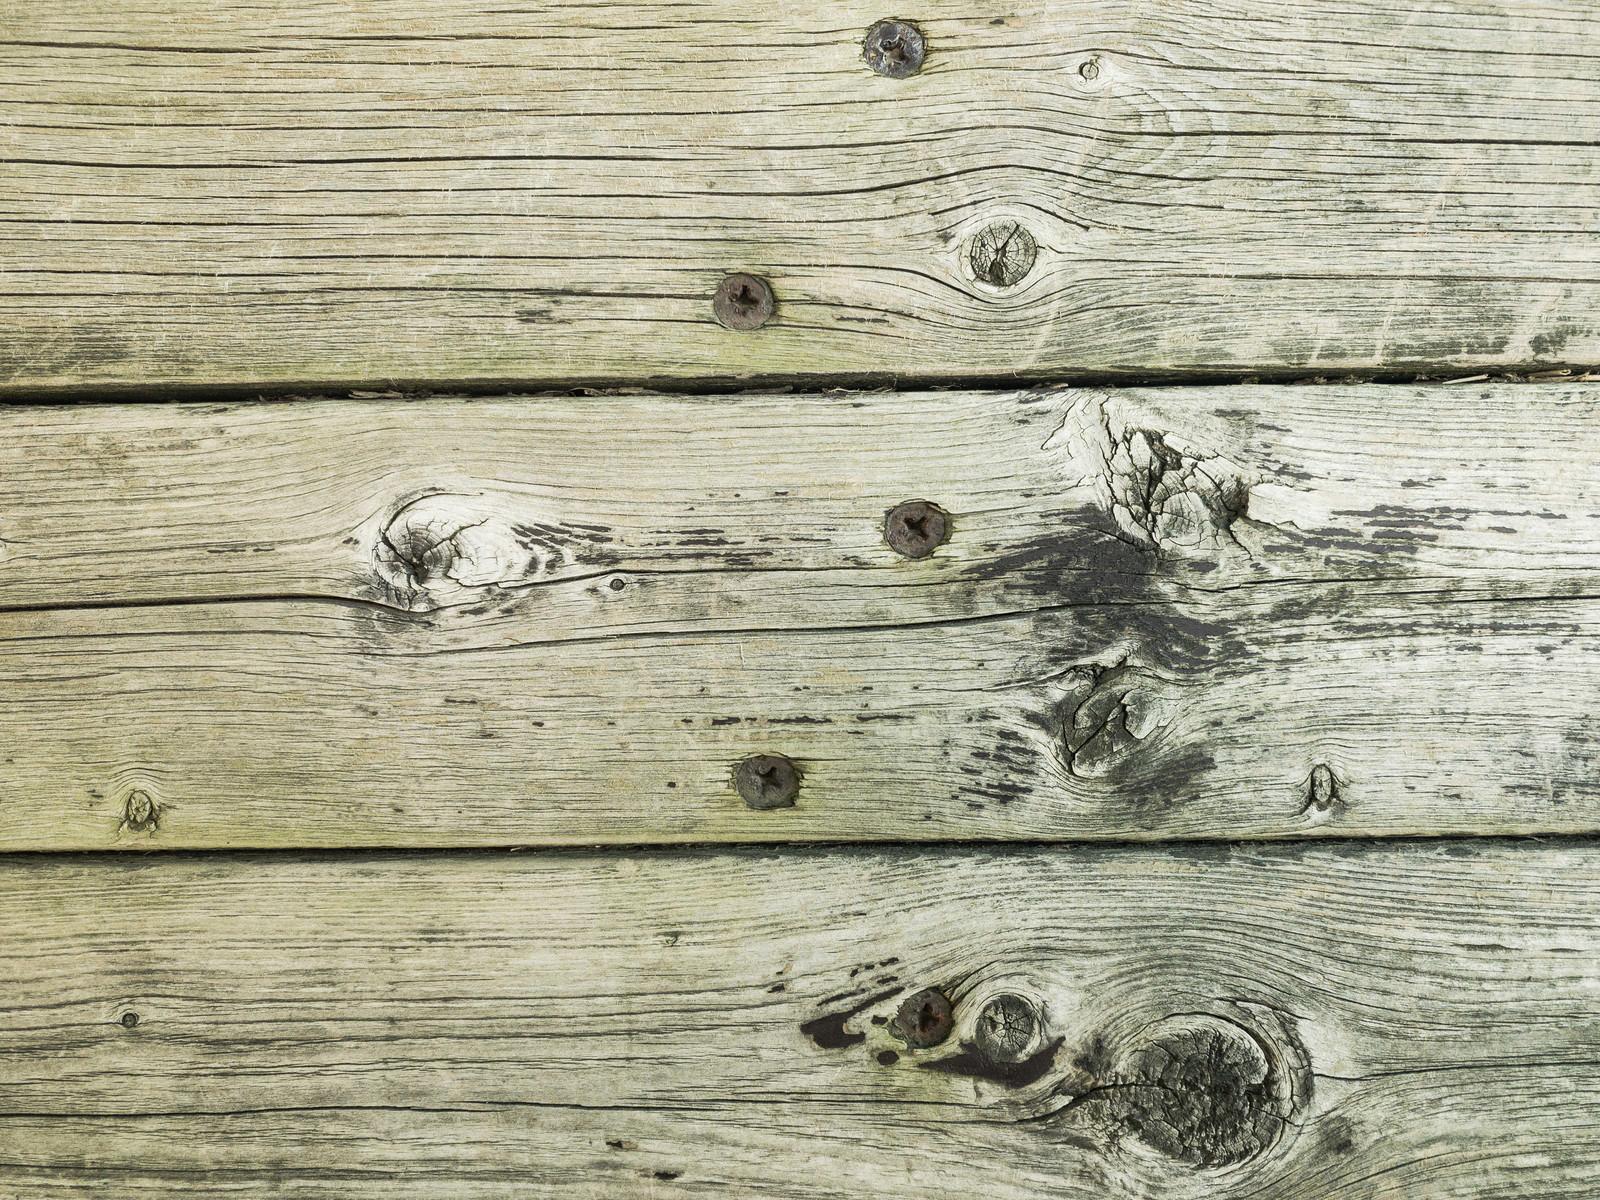 「錆びた釘で固定された天板(テクスチャ)」の写真